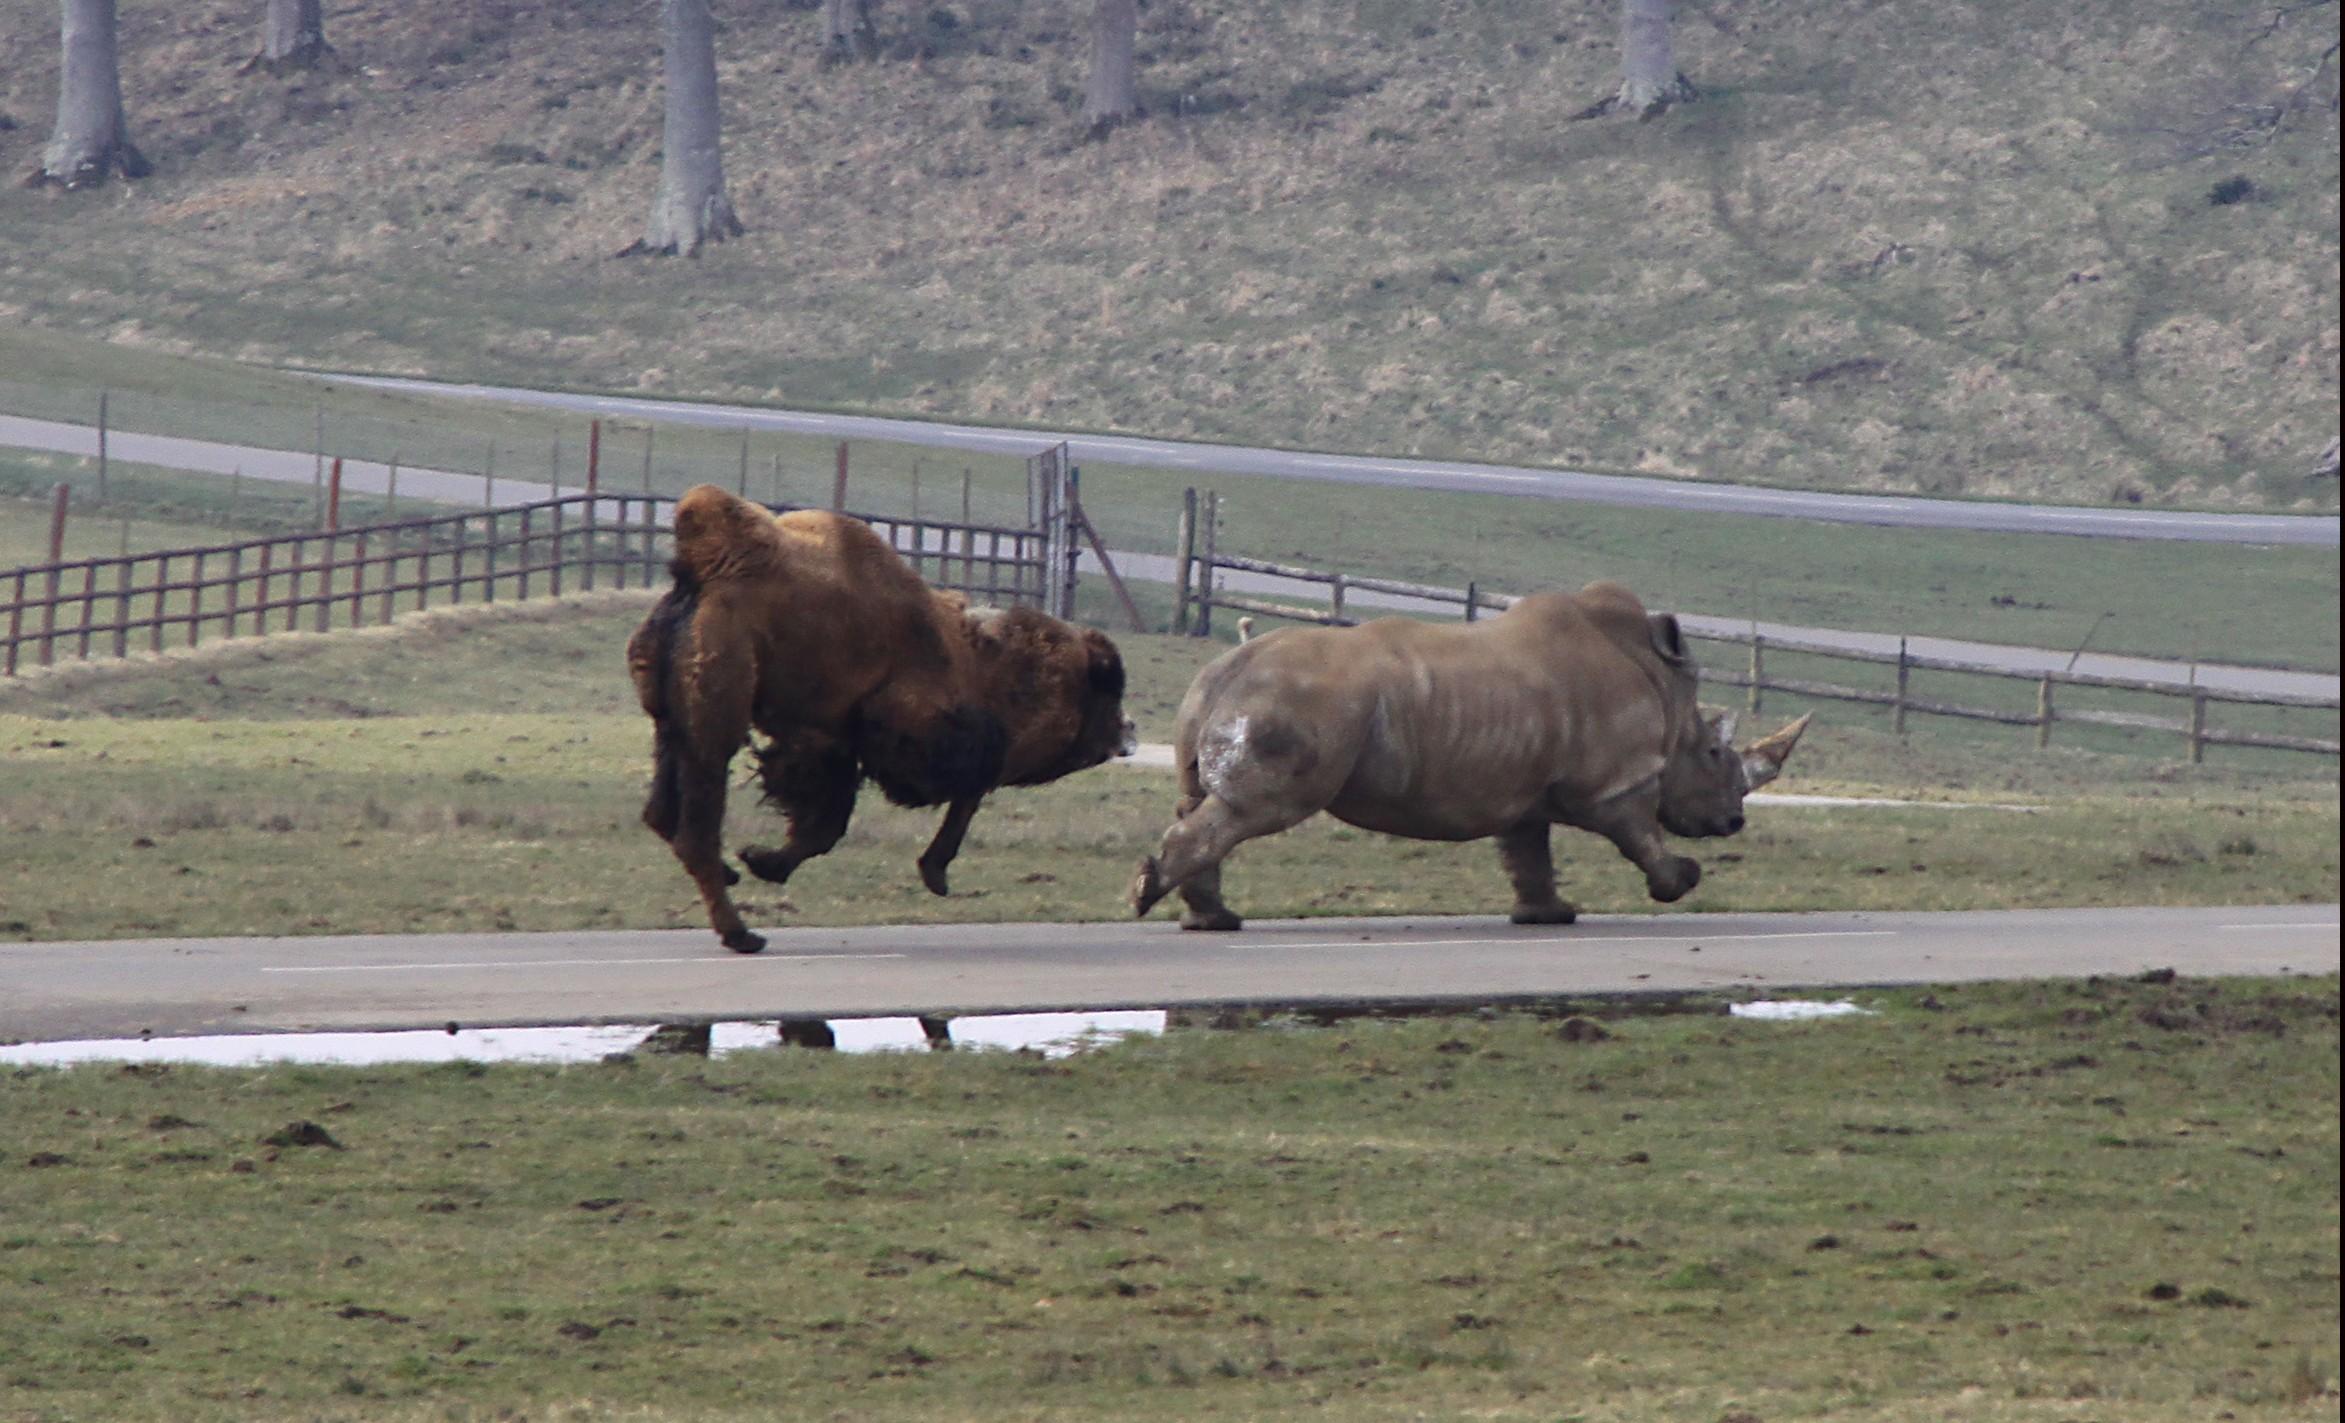 camel v rhino